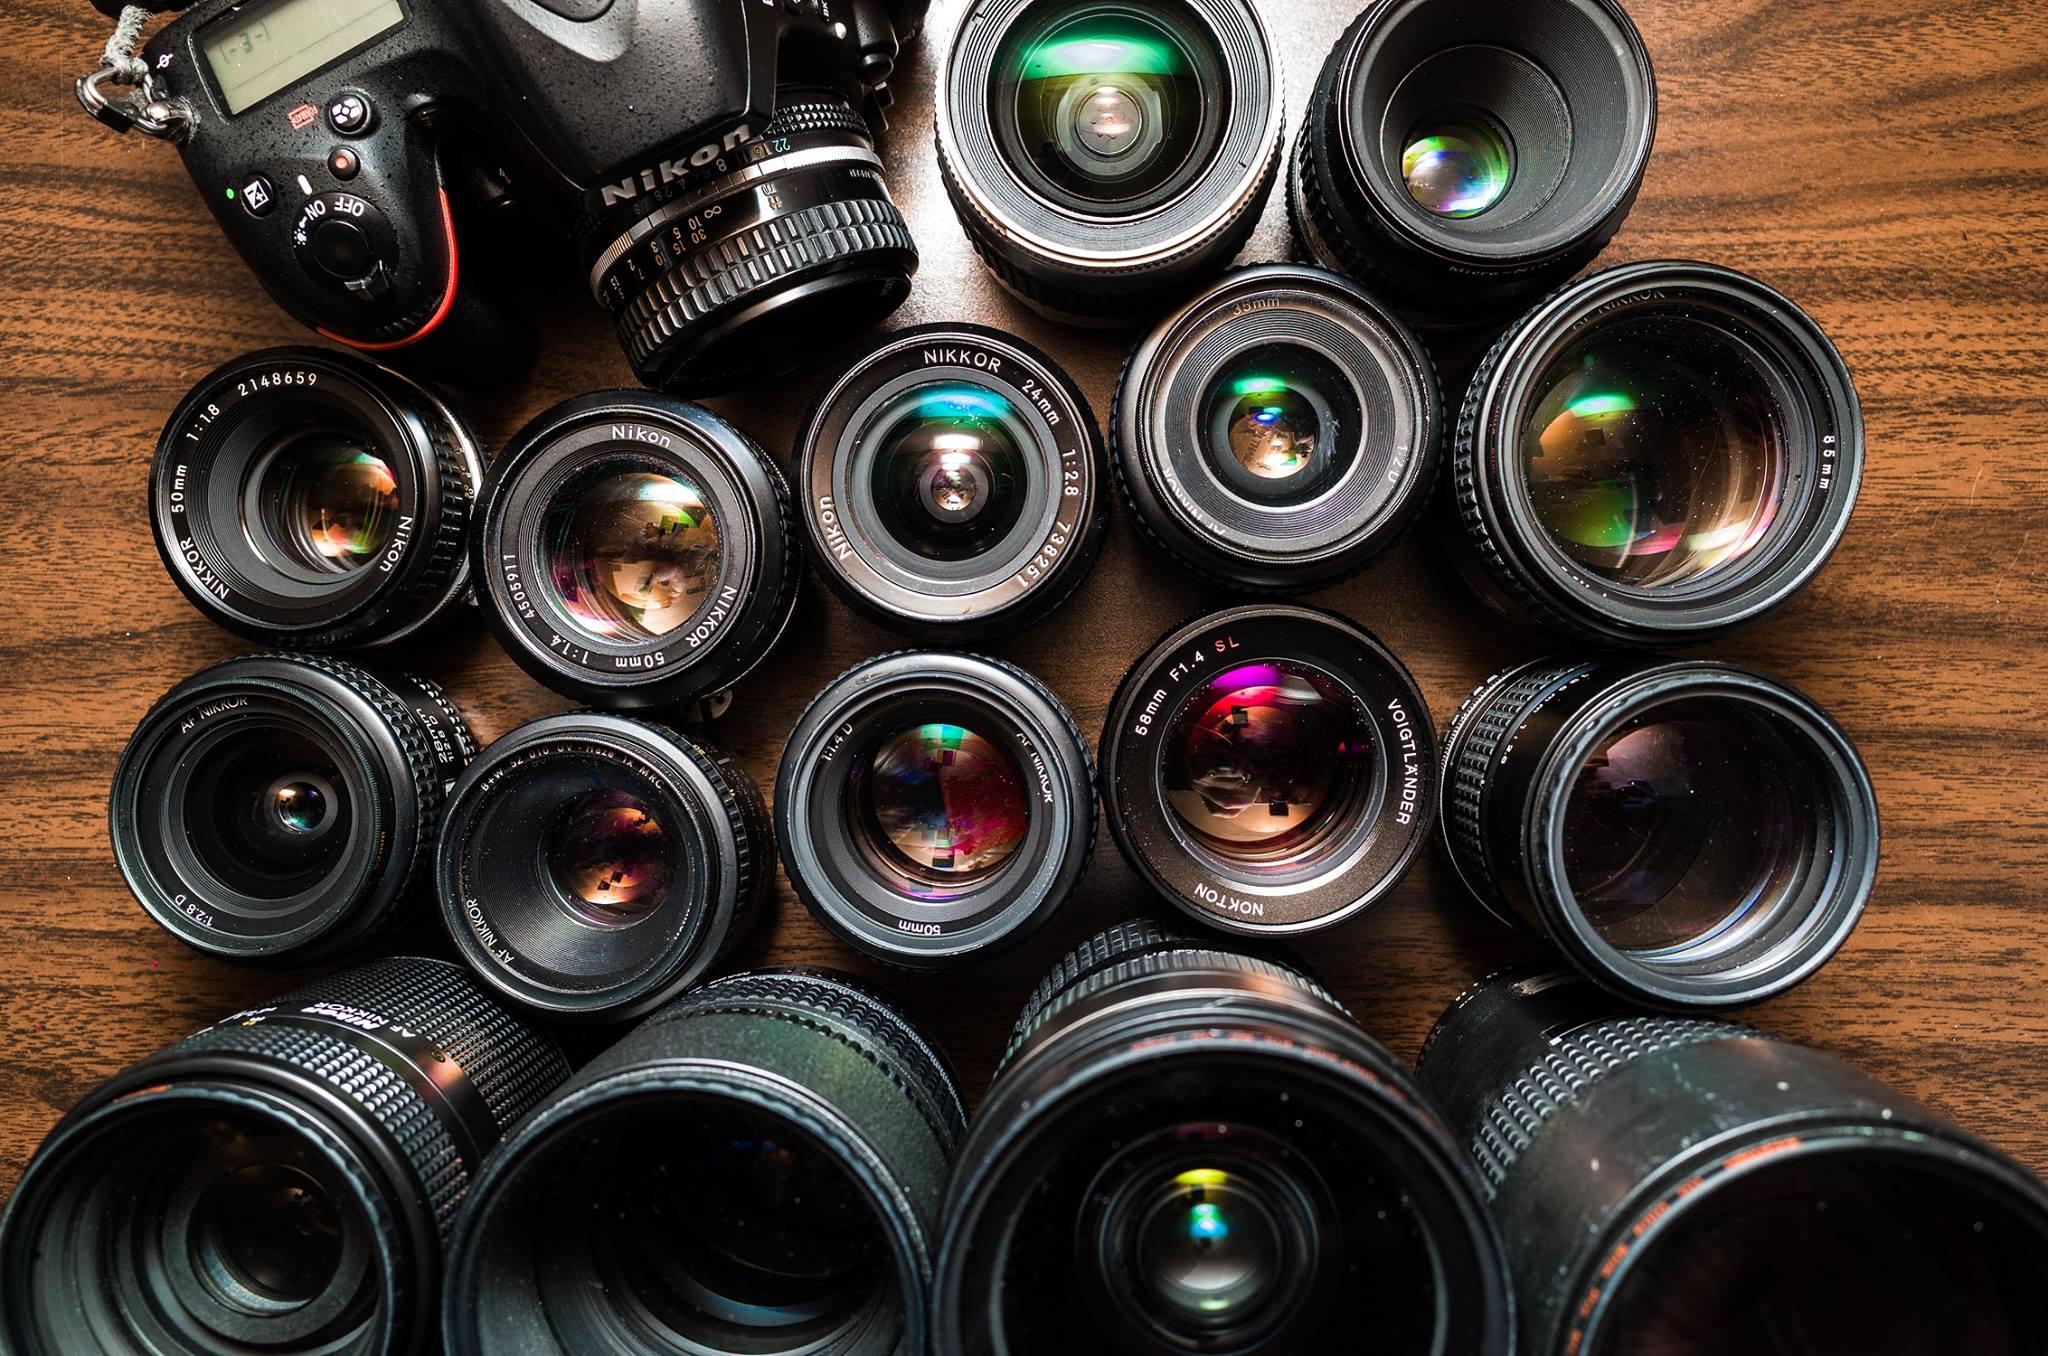 A shitton of lenses...